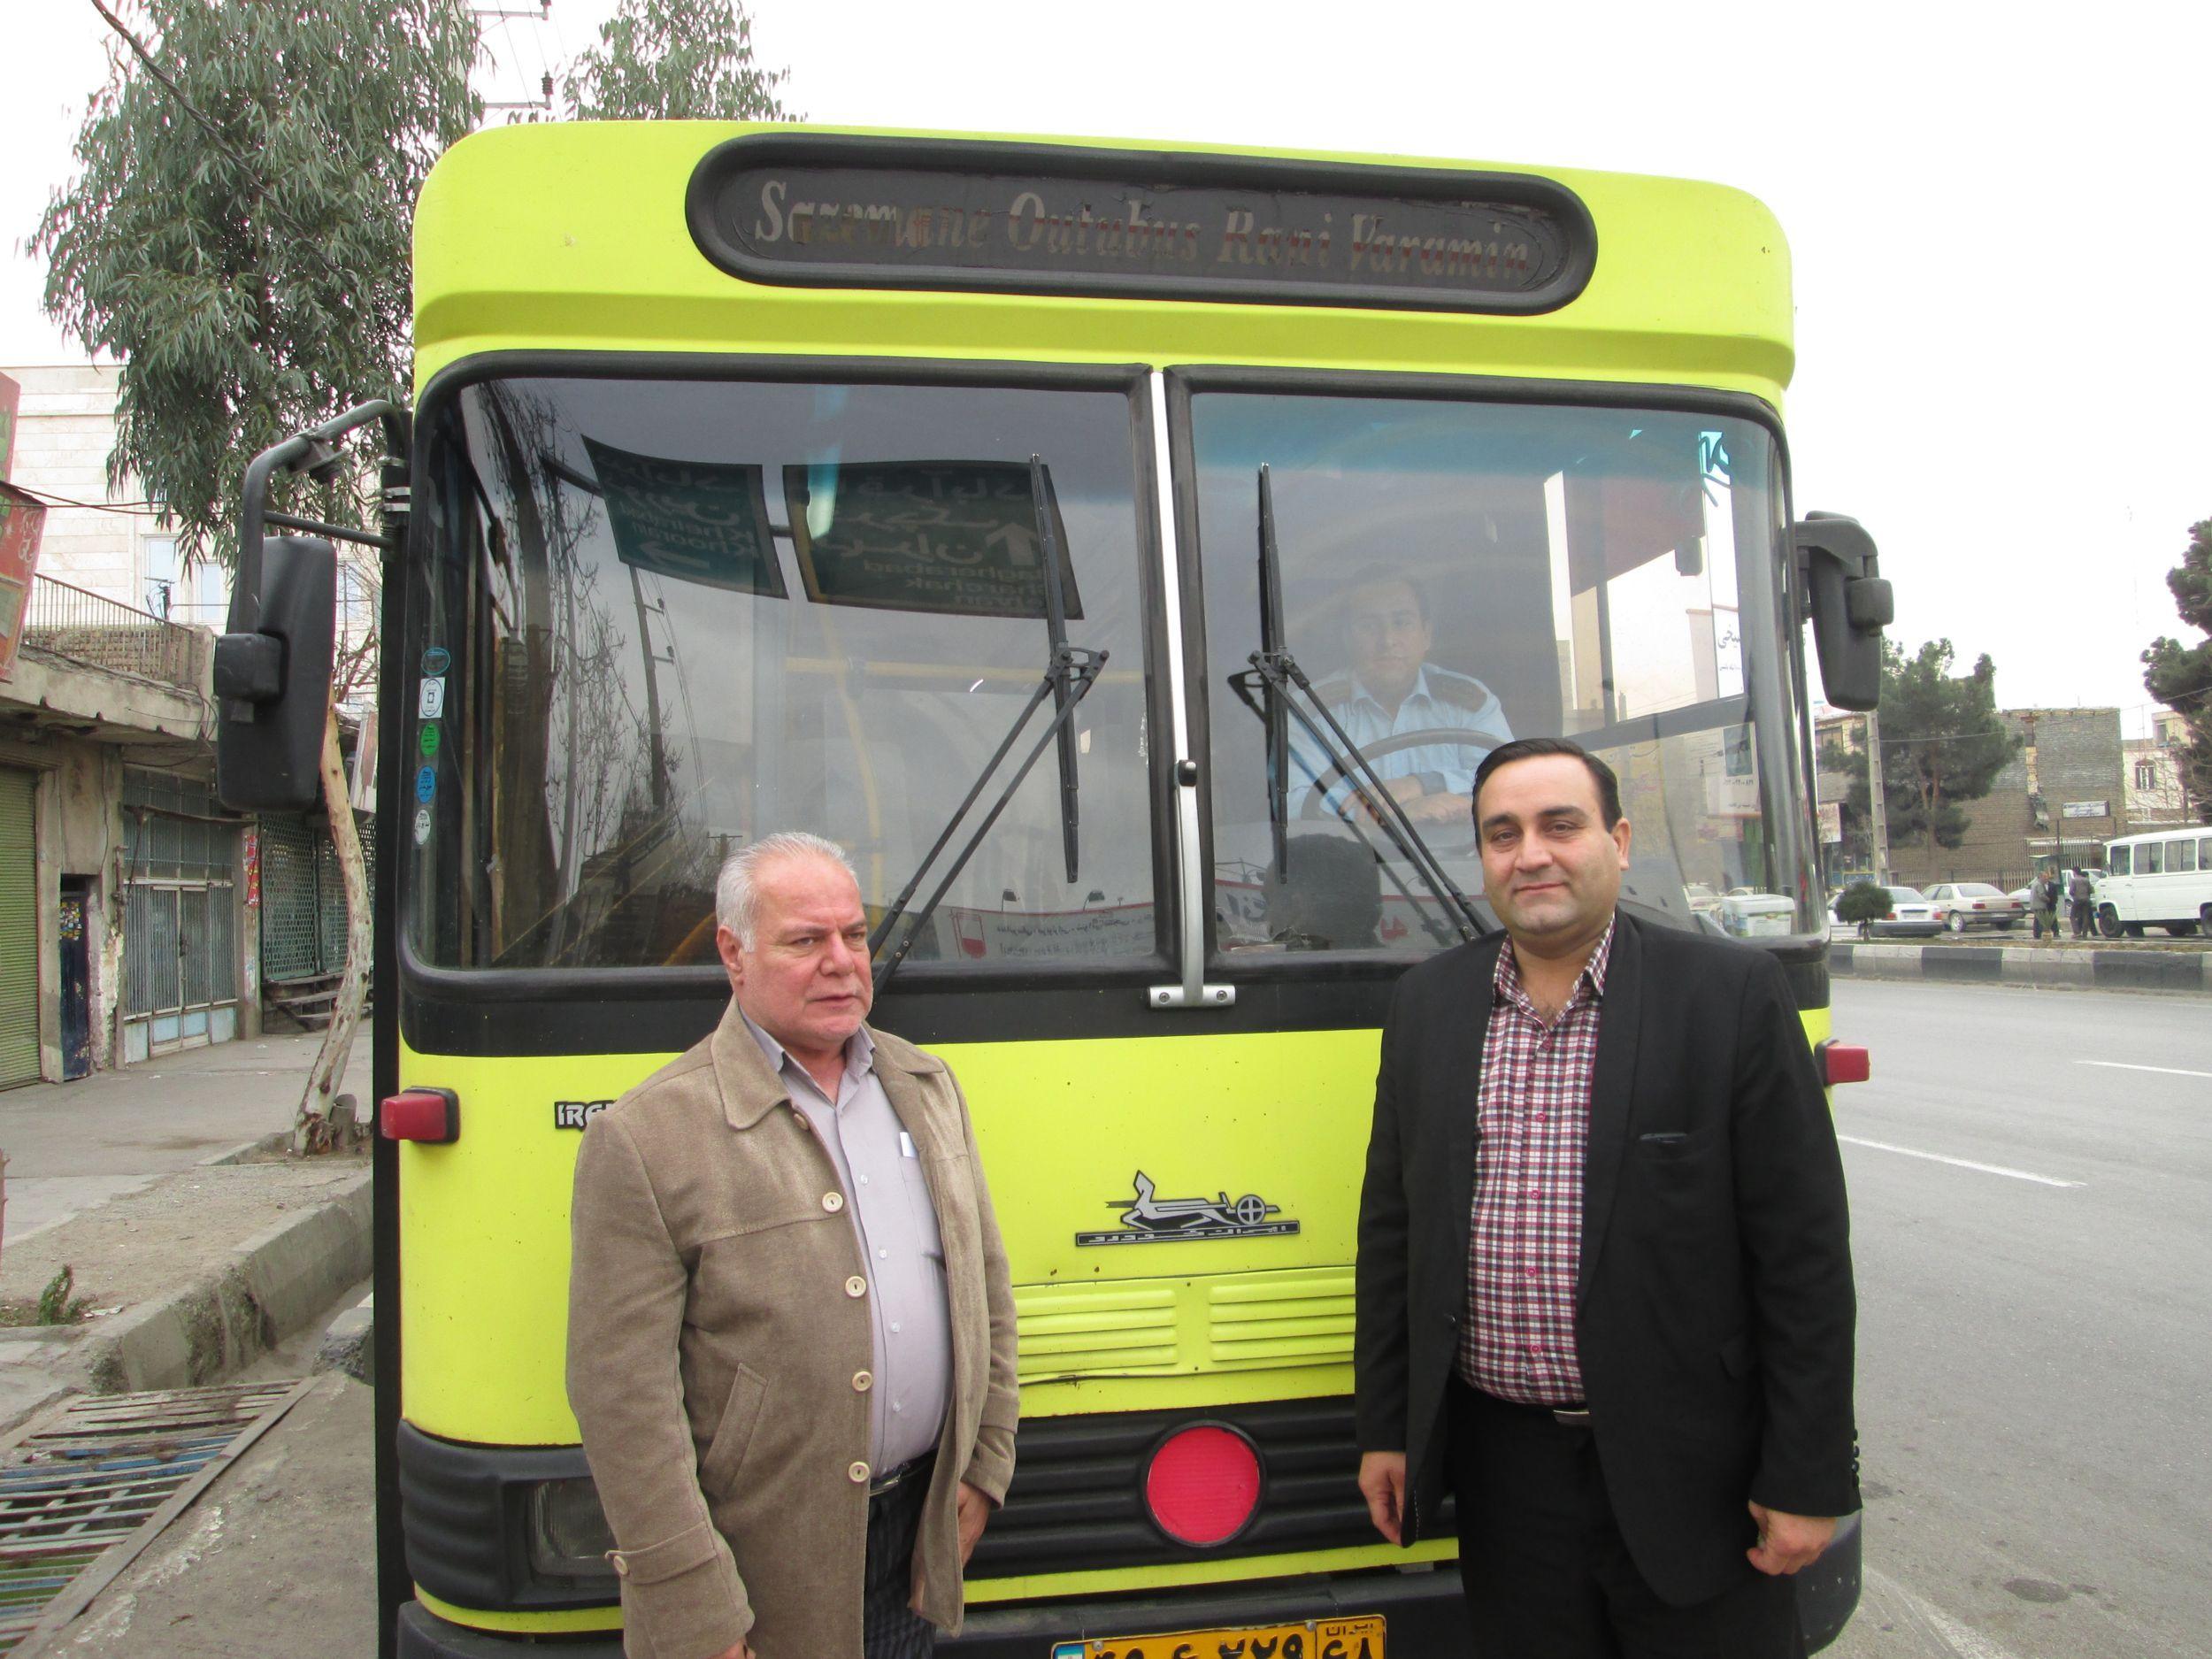 افزایش ساعات کاری ناوگان اتوبوسرانی در آستانه سال نو و برقراری کشیک کاری در ایام نوروز